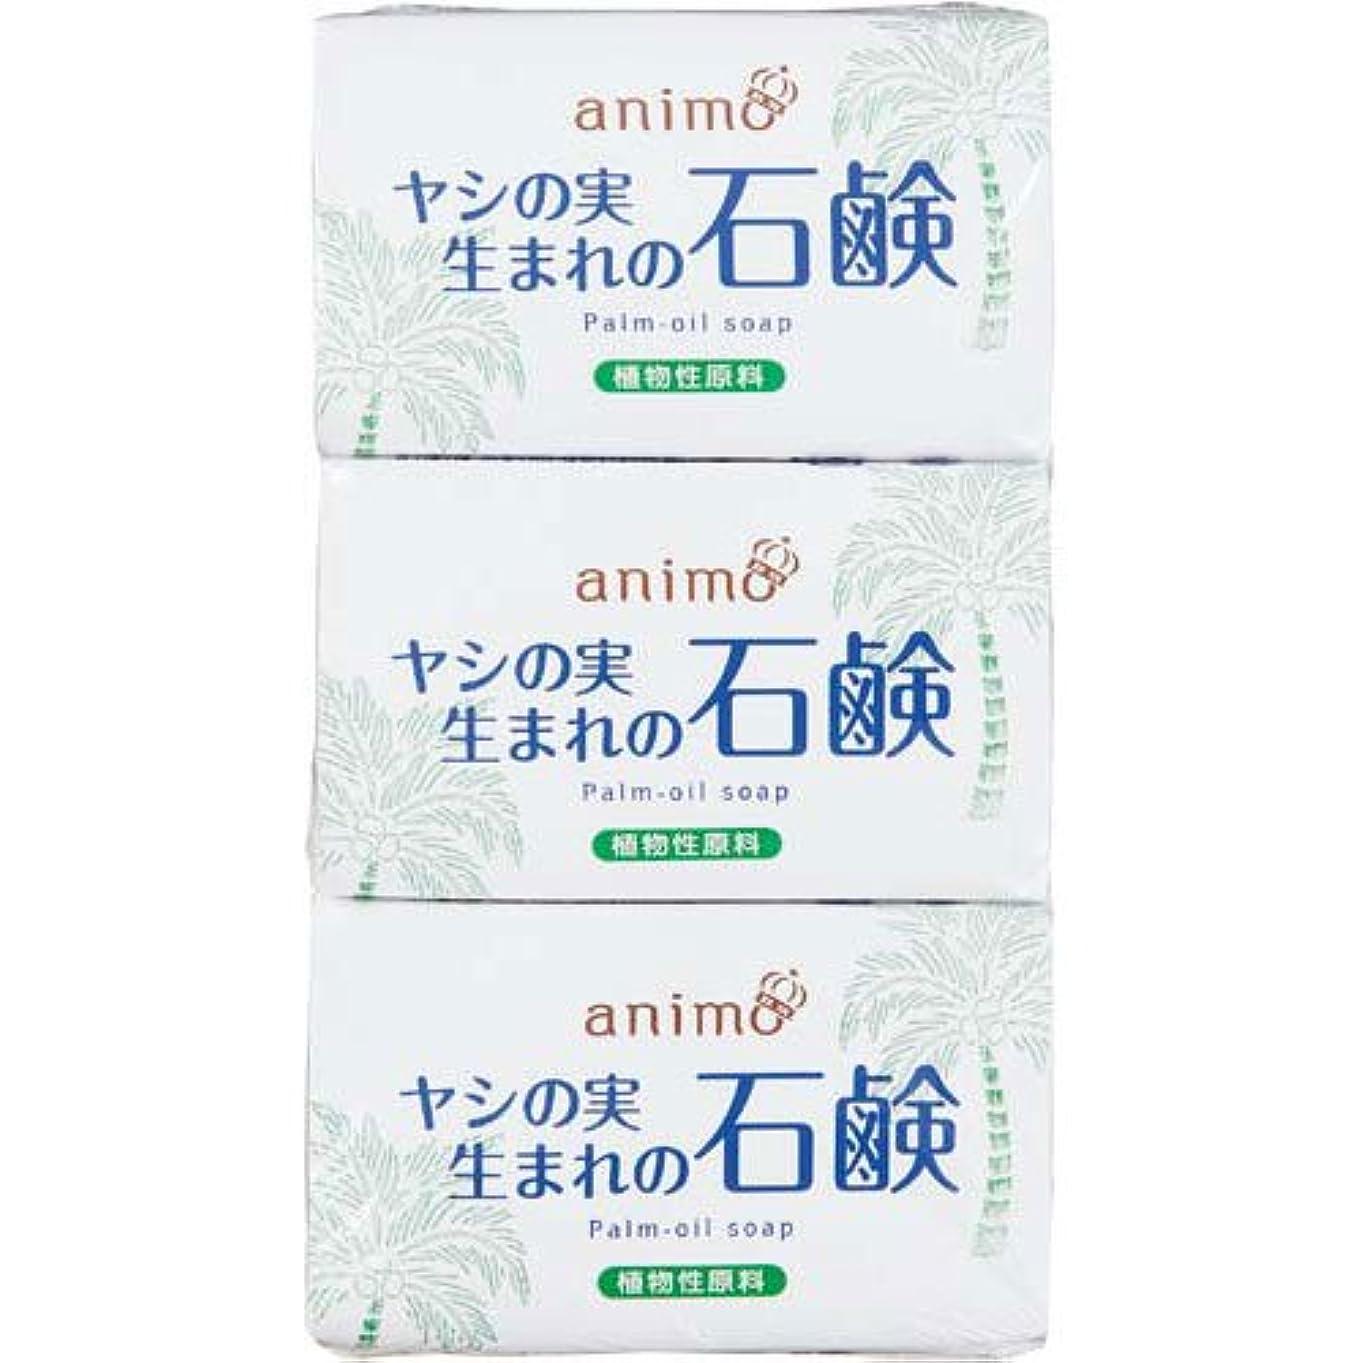 チップそれに応じて適応するロケット石鹸 ヤシの実石鹸 80g×3個×40パック